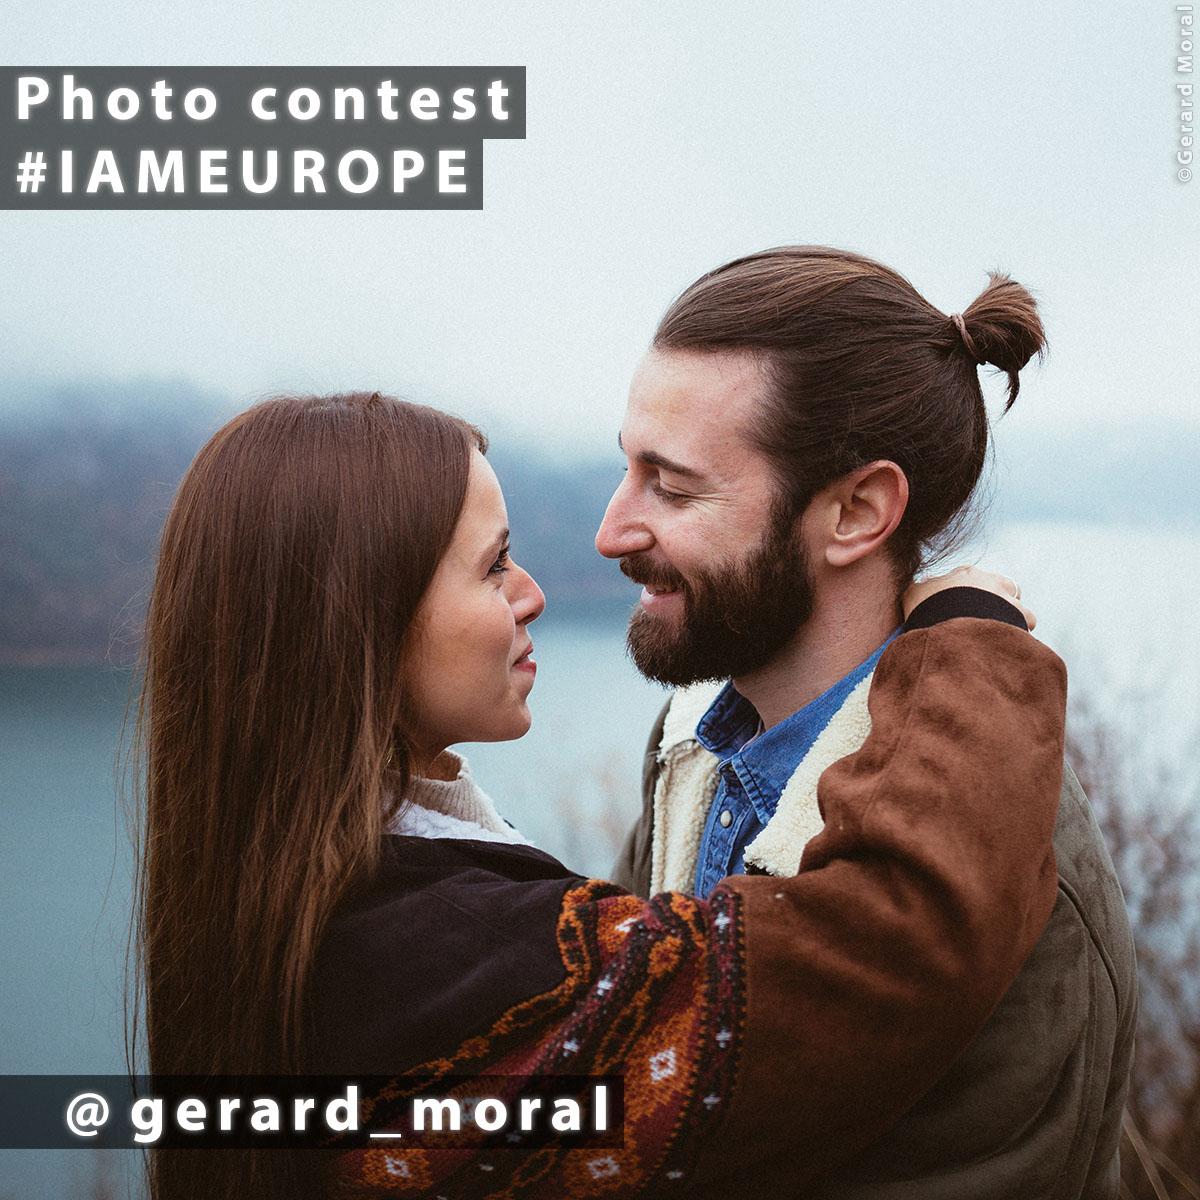 I am Europe: partecipa al concorso fotografico su Instagram!